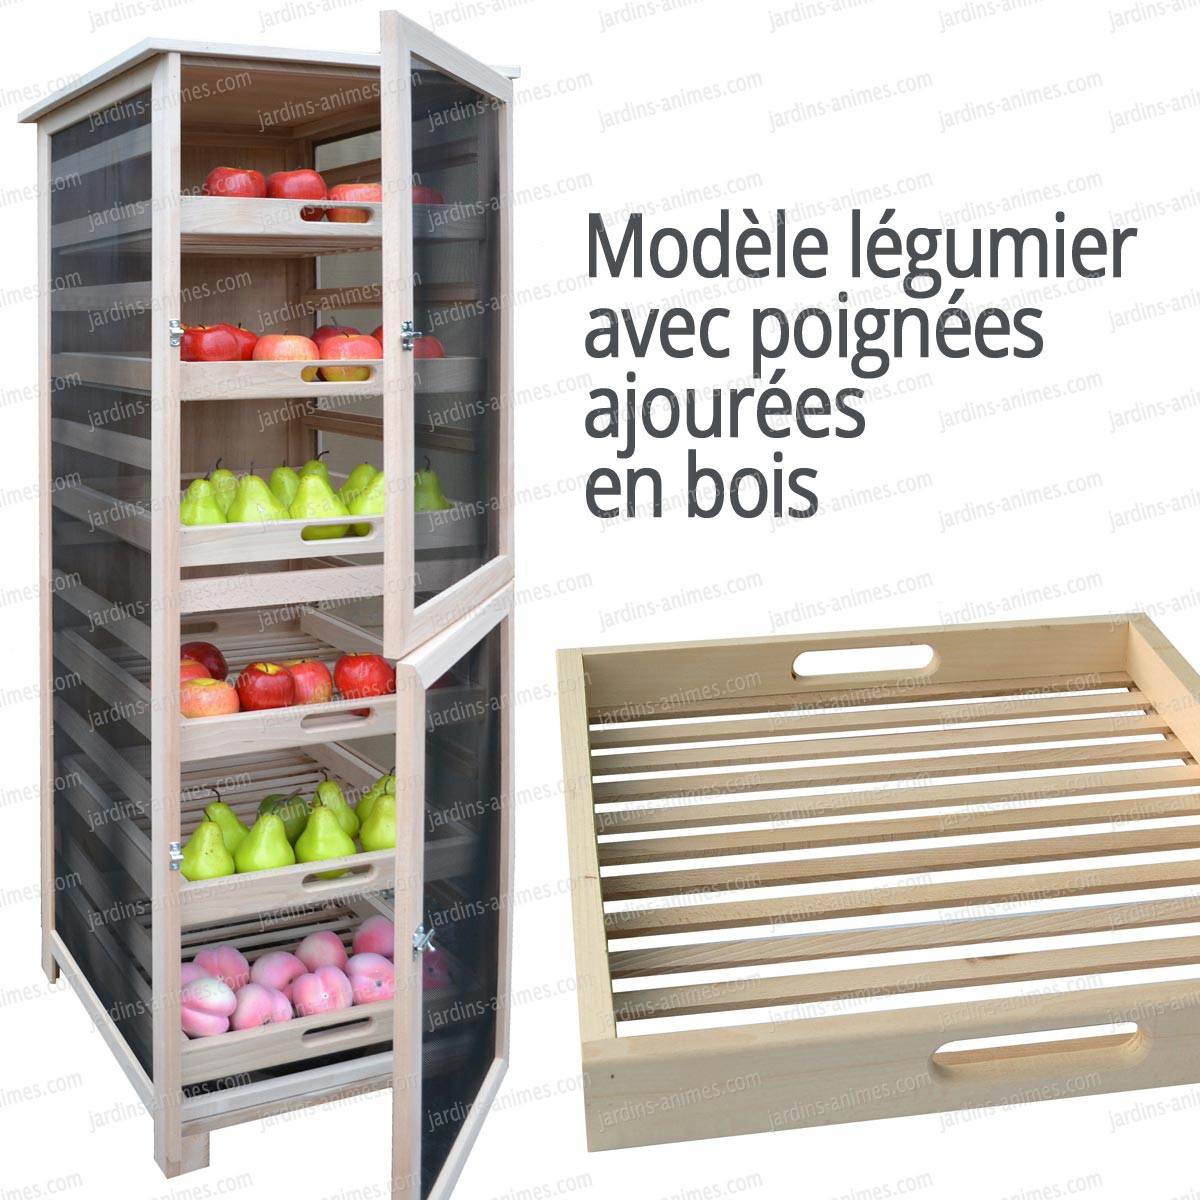 l gumier fruit 6 tiroirs mod le haut poign e bois. Black Bedroom Furniture Sets. Home Design Ideas